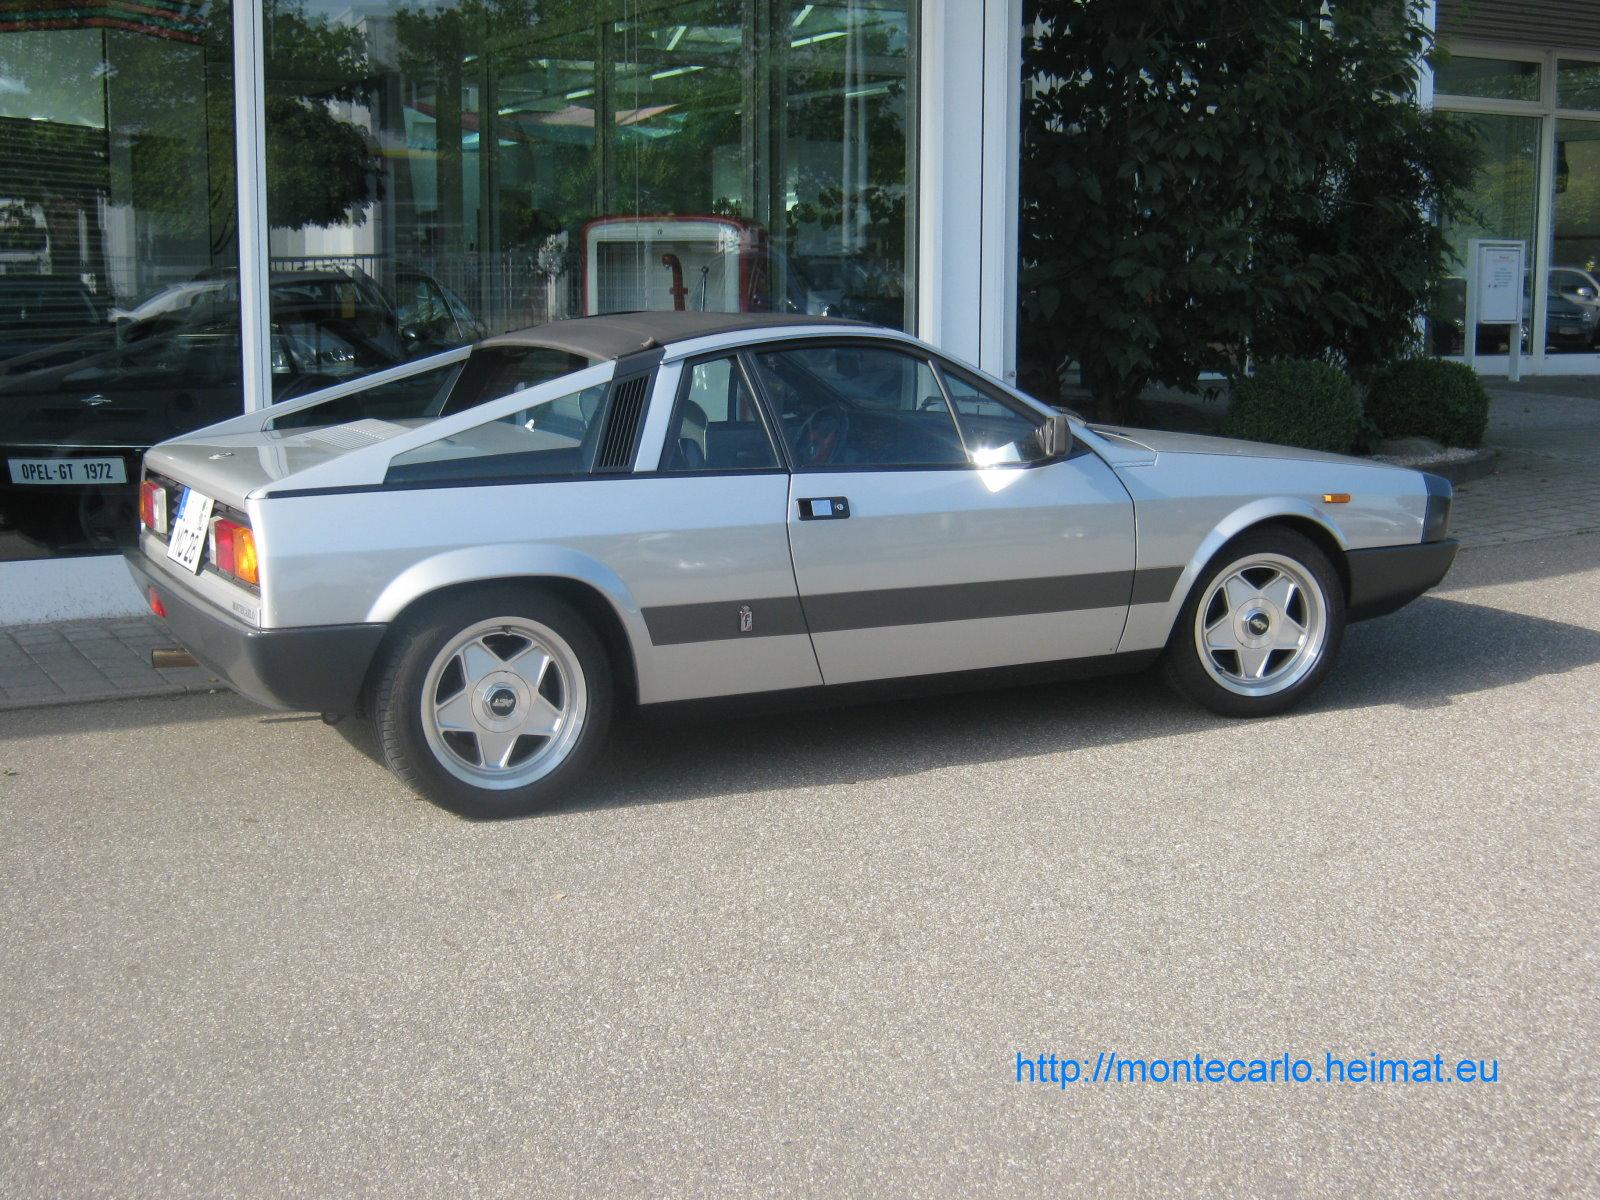 It's a 1982 Lancia Montecarlo,